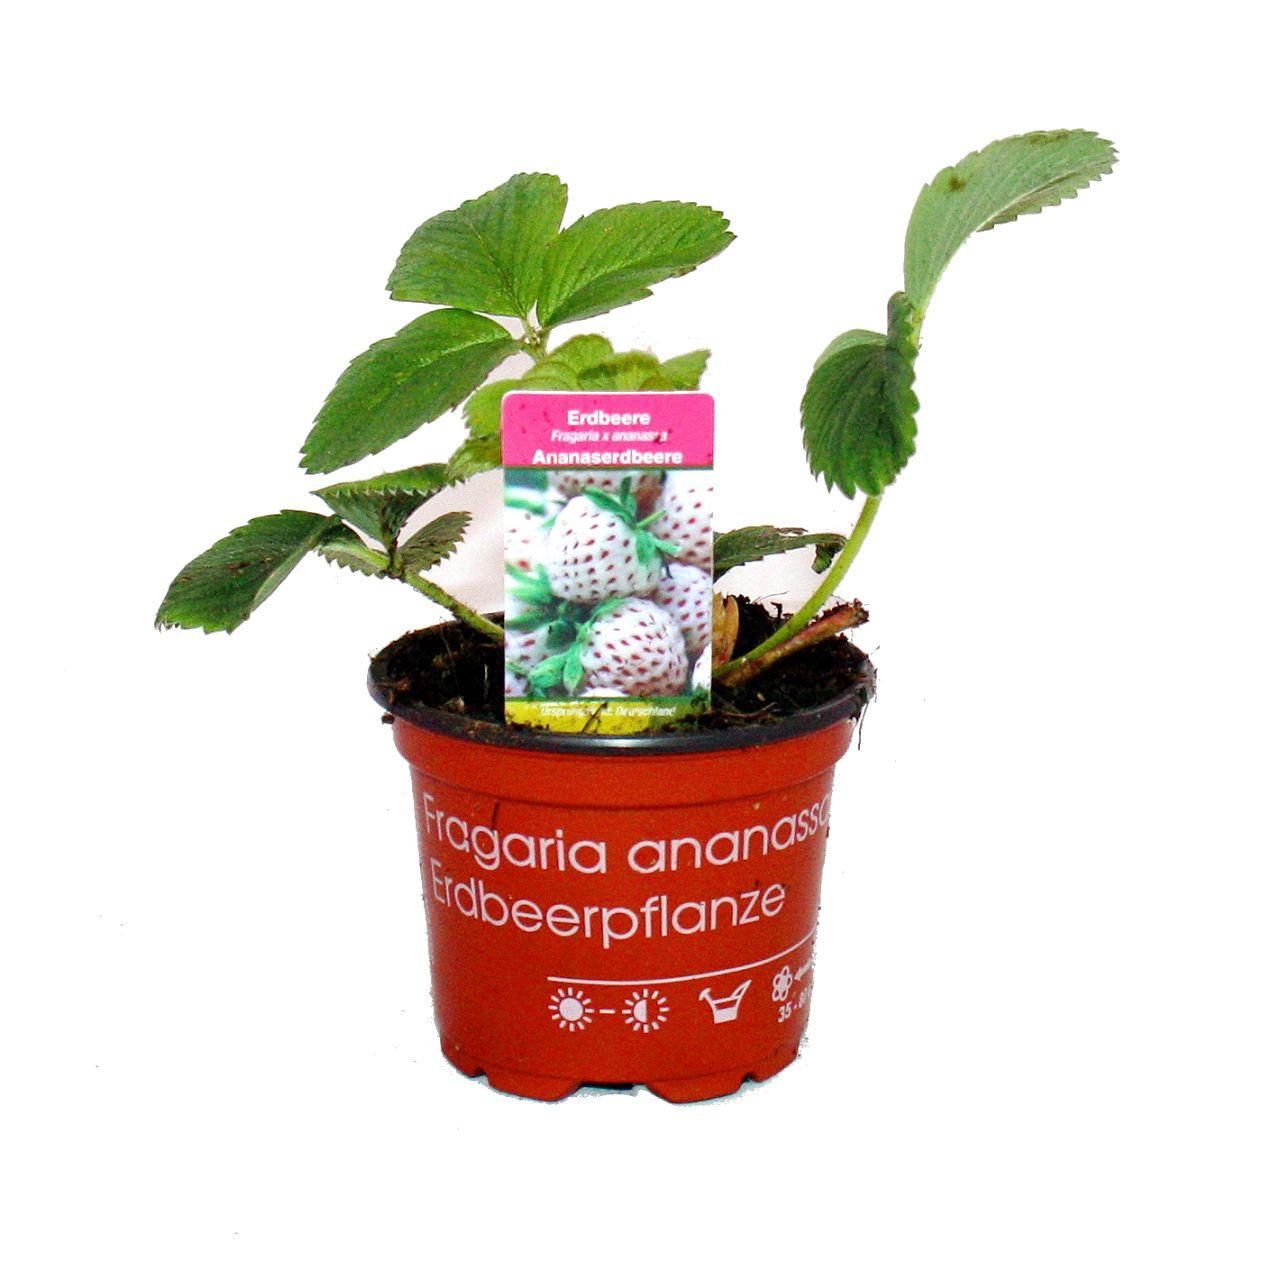 weisse ananas erdbeere set mit 3 pflanzen fragaria ausgefallene sorte ebay. Black Bedroom Furniture Sets. Home Design Ideas